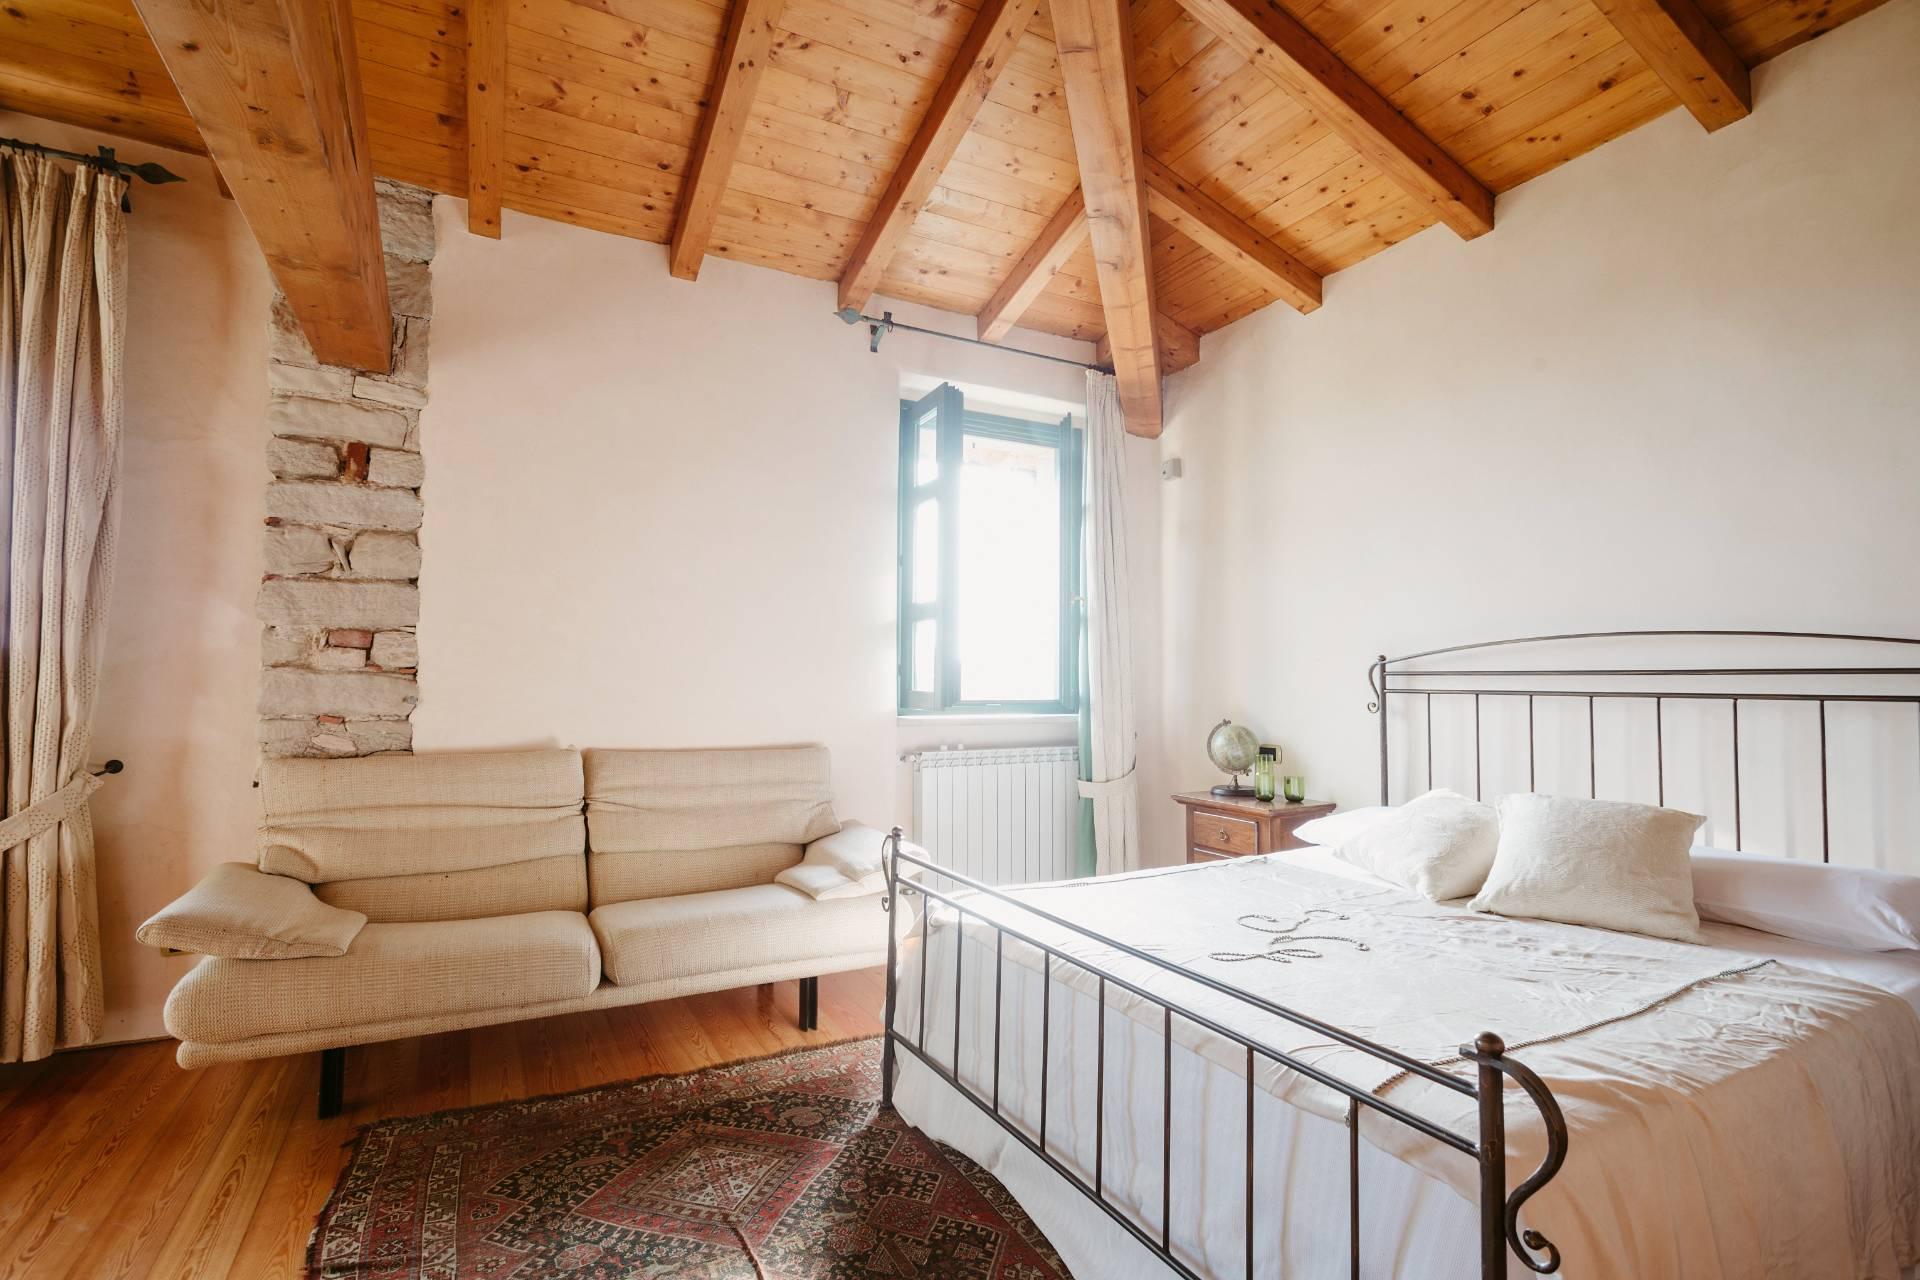 Rustico in Vendita a Toscolano-Maderno: 5 locali, 600 mq - Foto 16